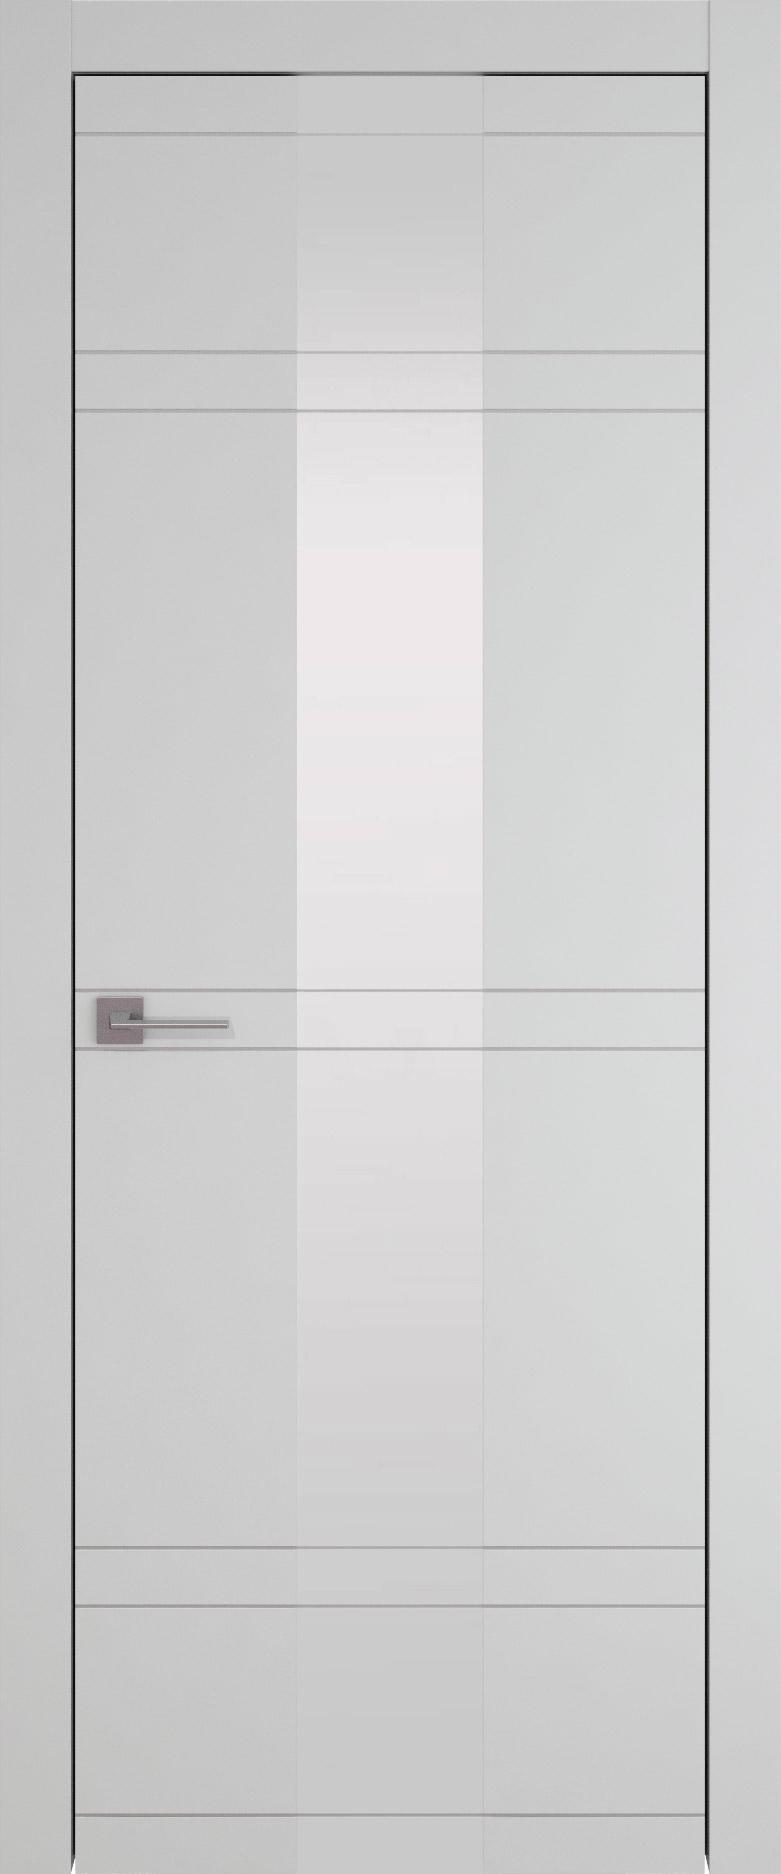 Tivoli Ж-4 цвет - Серая эмаль (RAL 7047) Со стеклом (ДО)